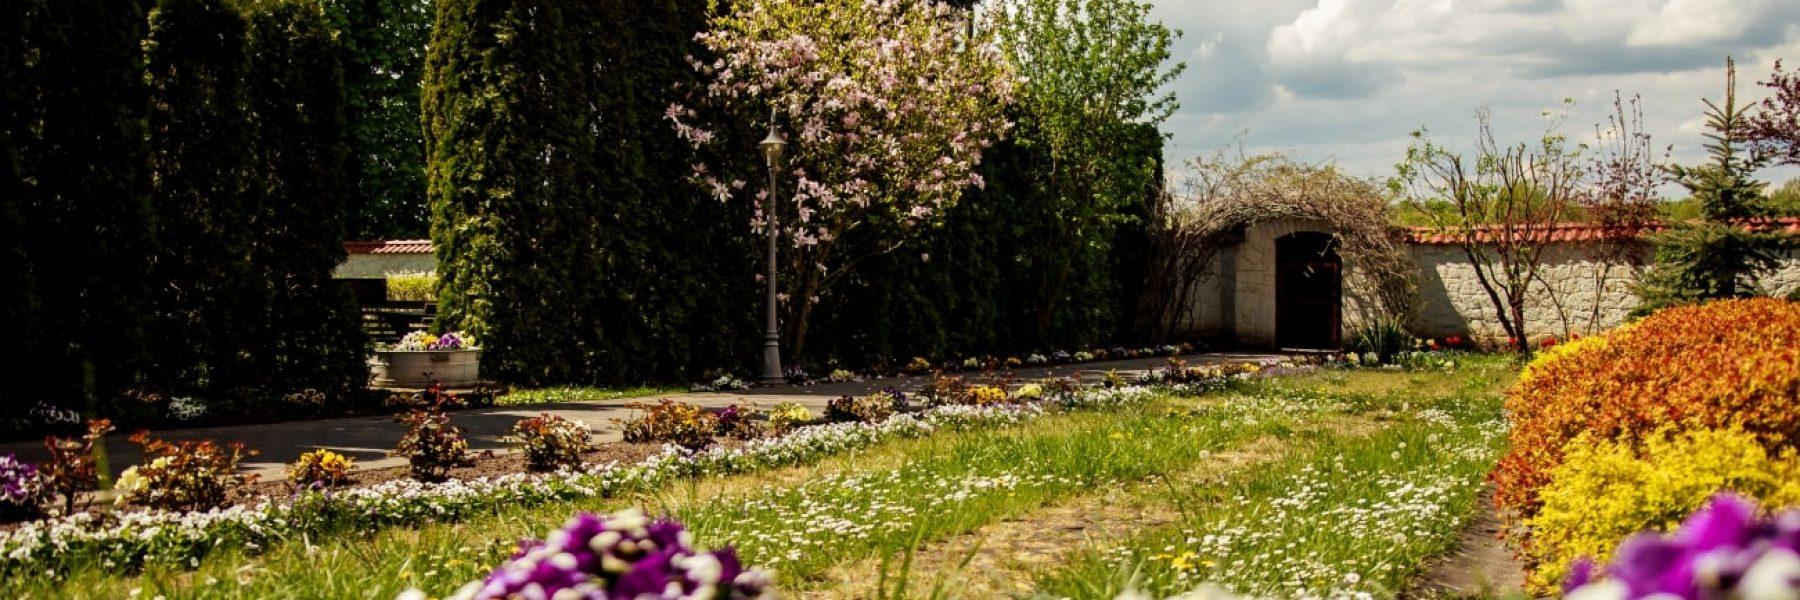 majowy-spacer-po-ogrodzie-5-min